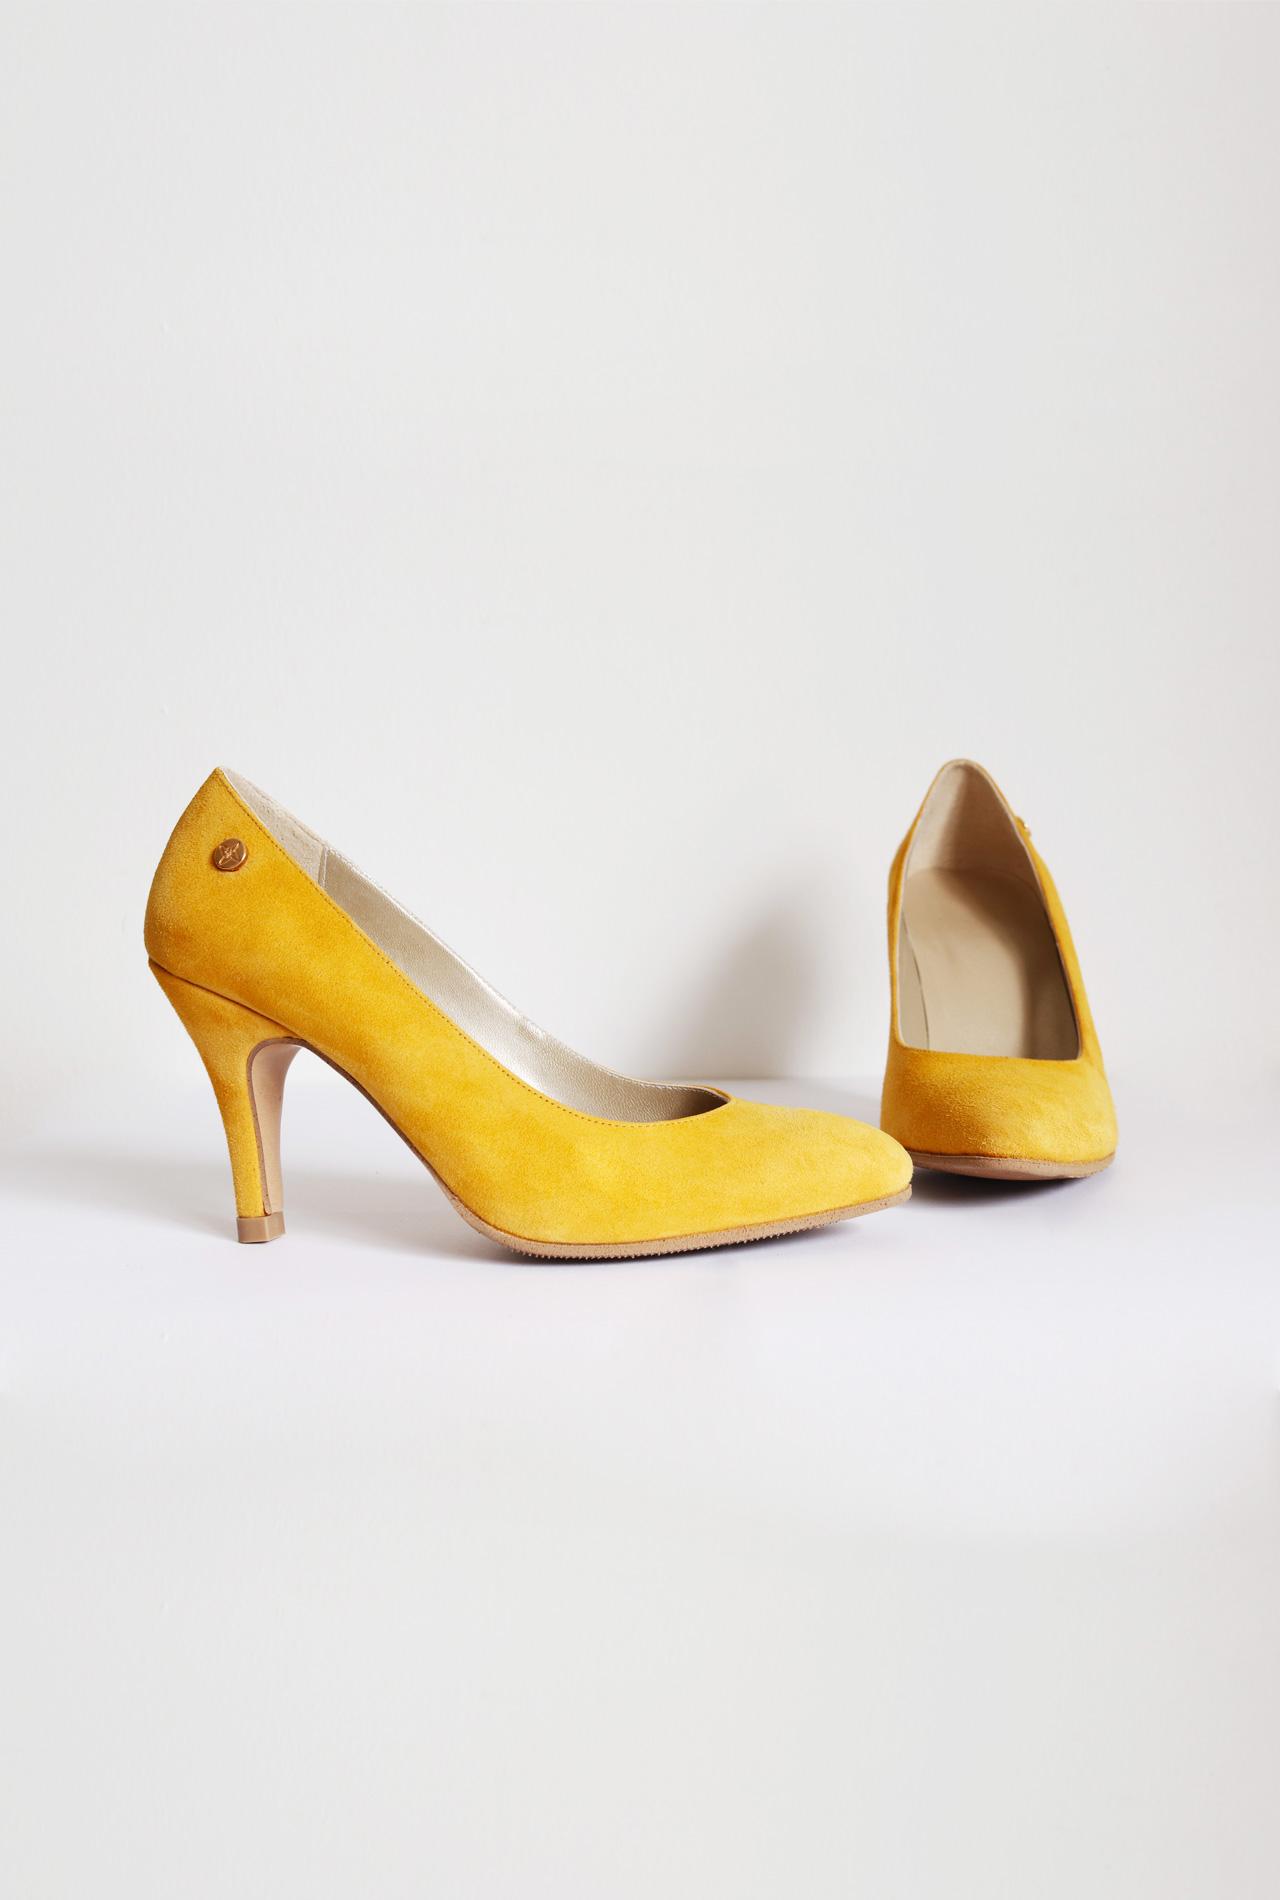 Mustard Yellow Suede Stilettos | Small